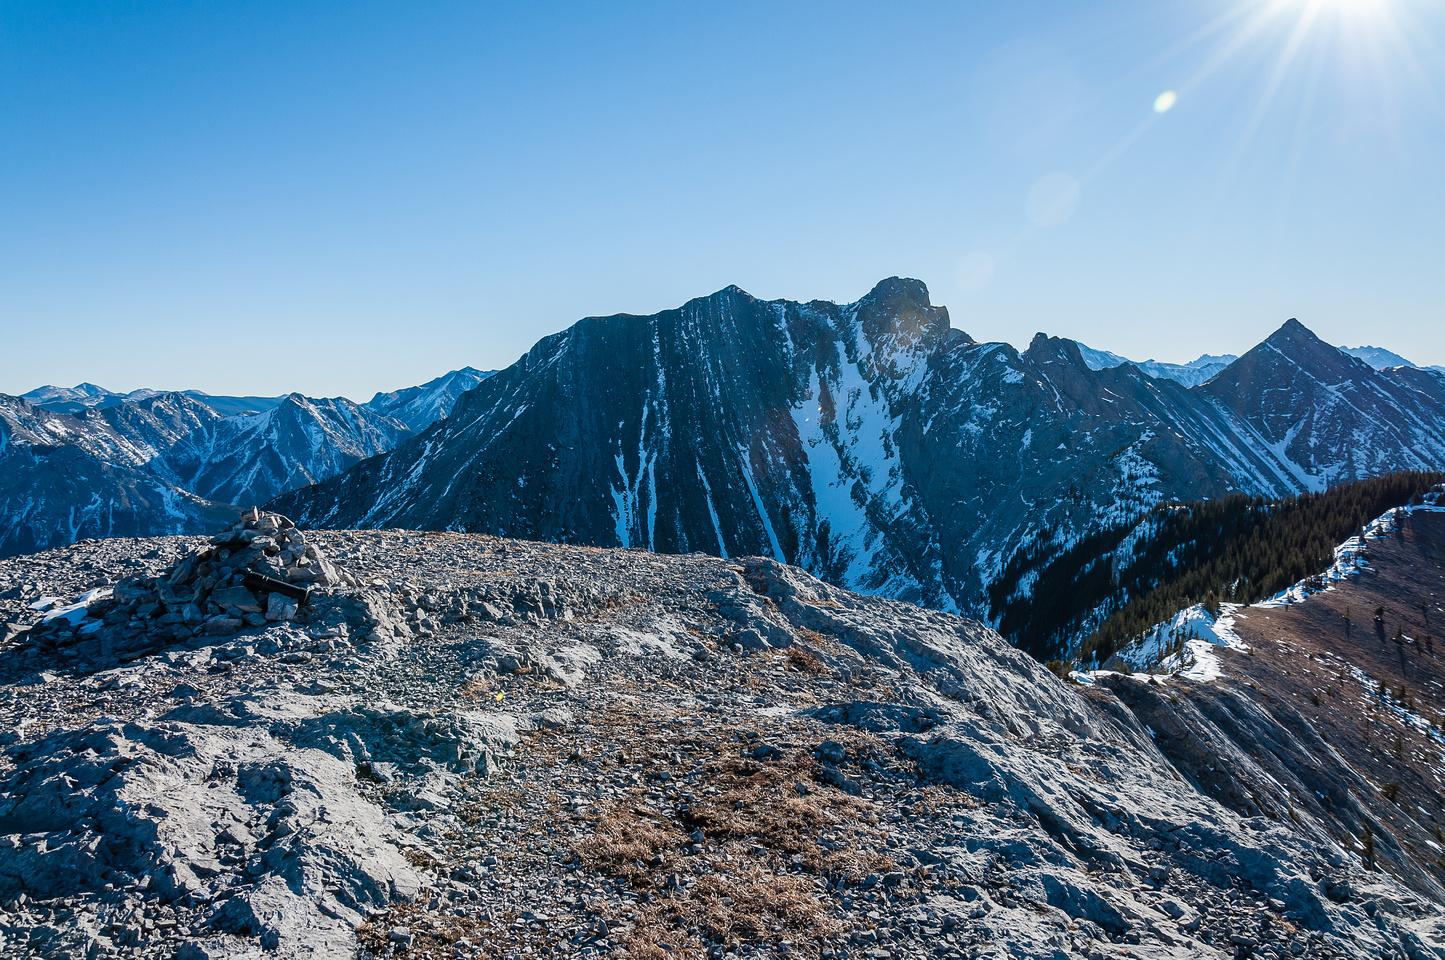 Summit of Grant MacEwan.